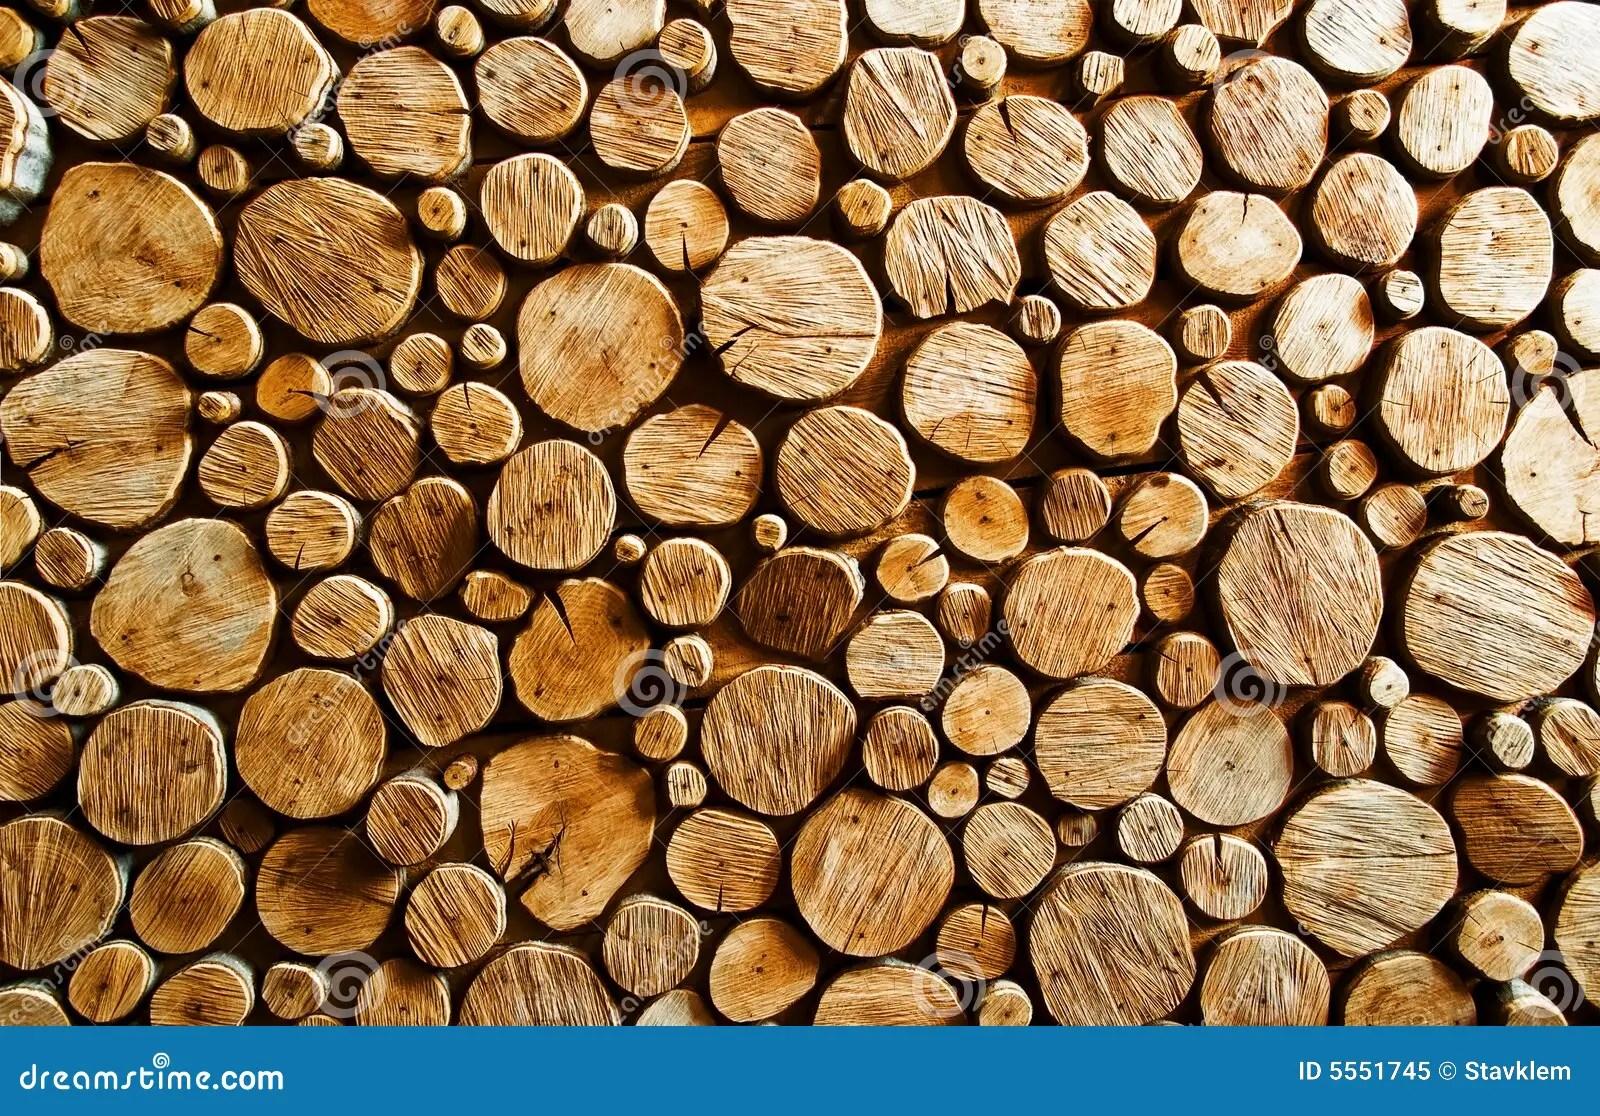 wood log backround stock